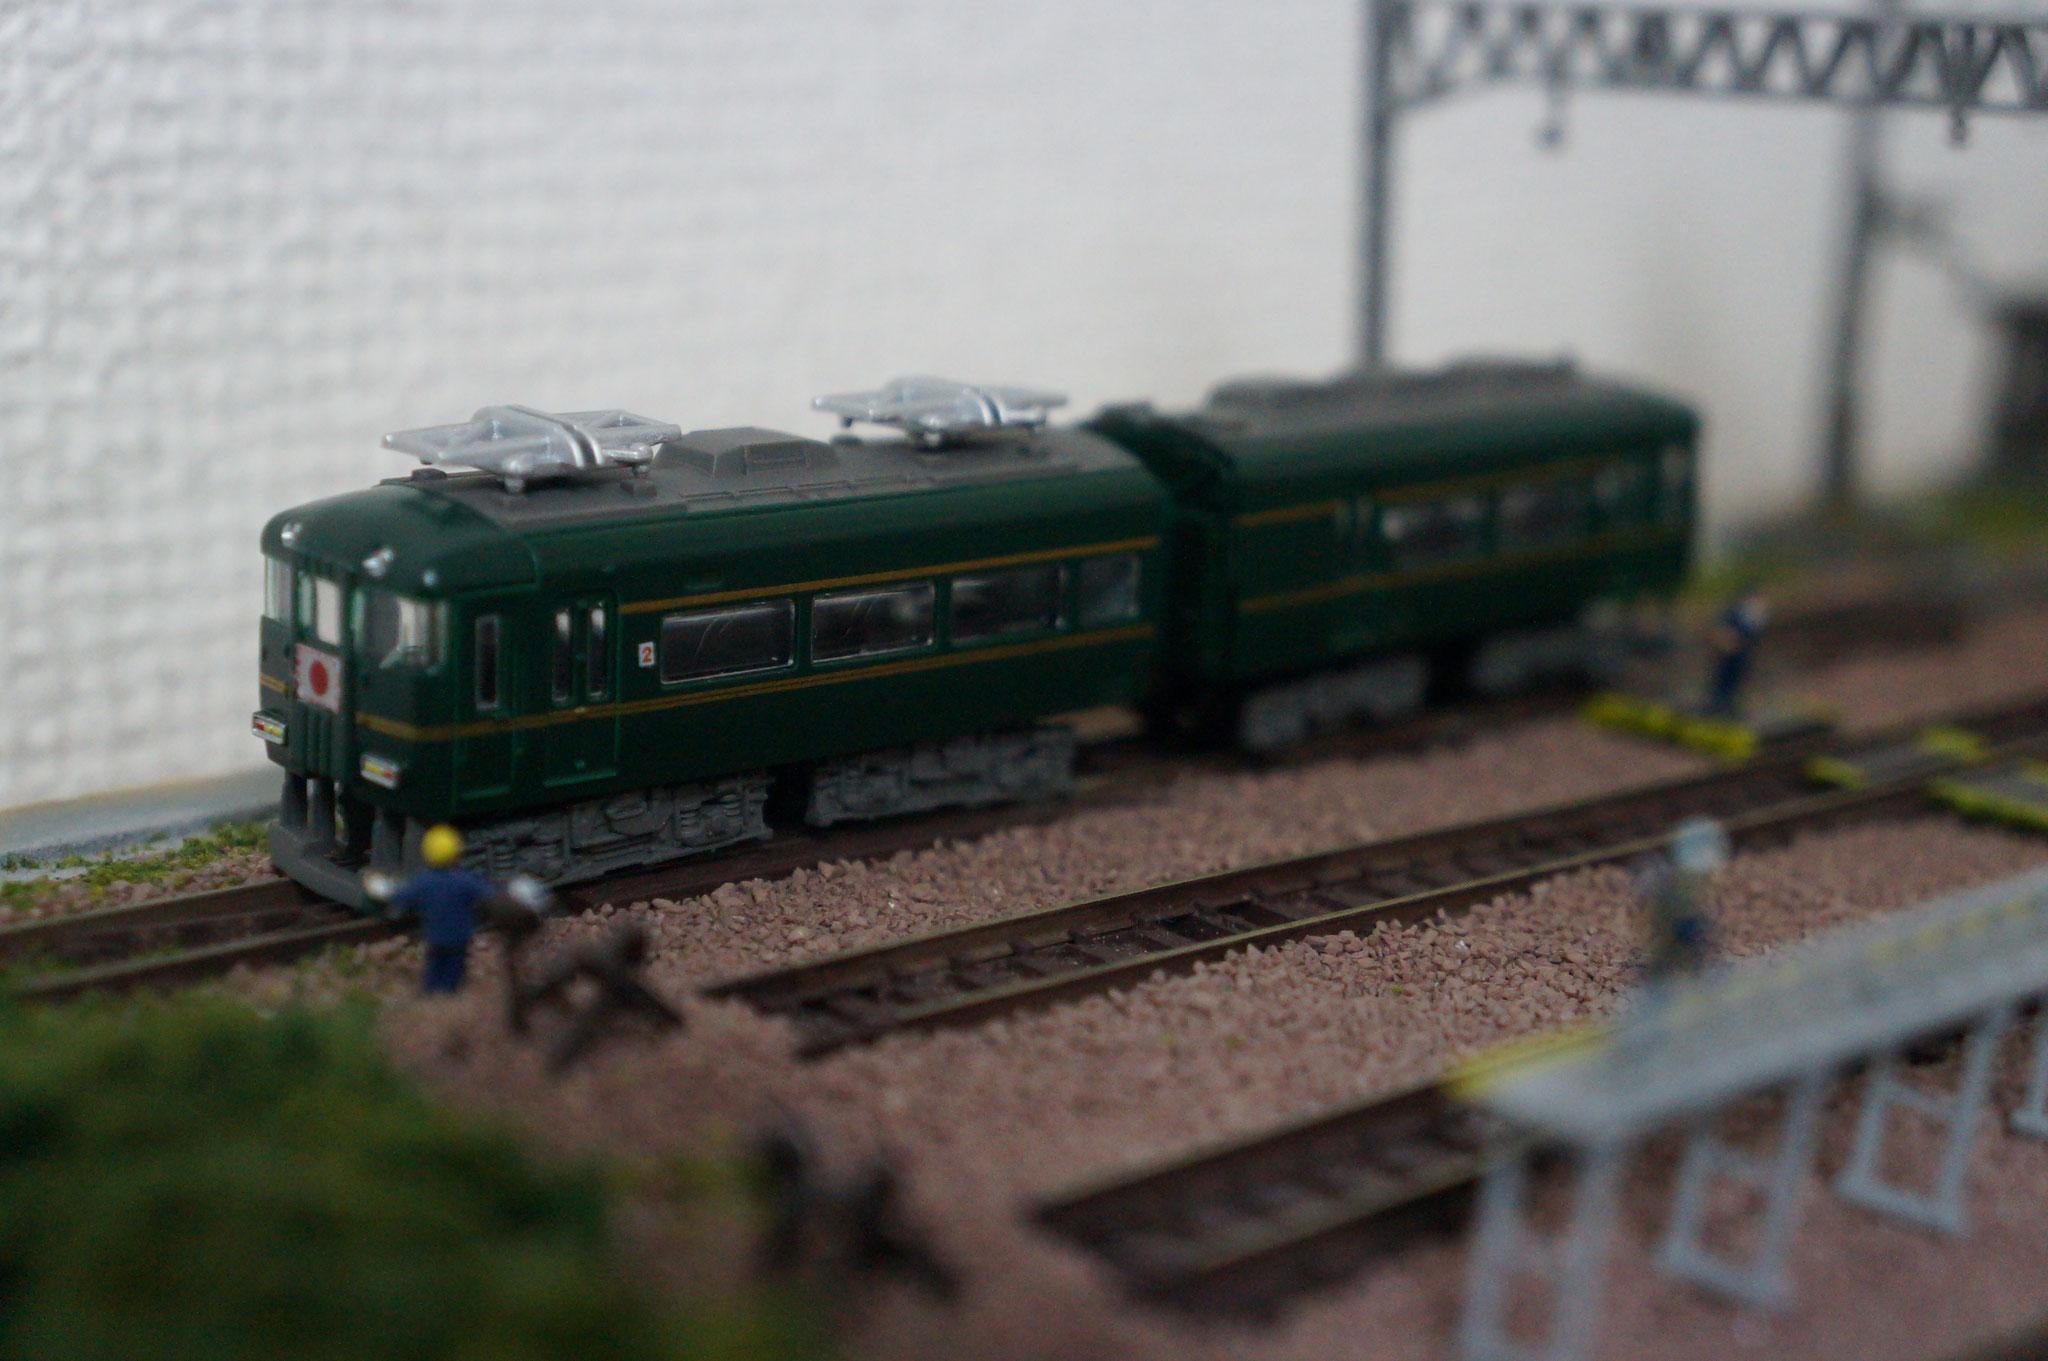 「まころひ」(まことさ政府専用列車。シックなダークグリーン色が上品さを醸し出す)